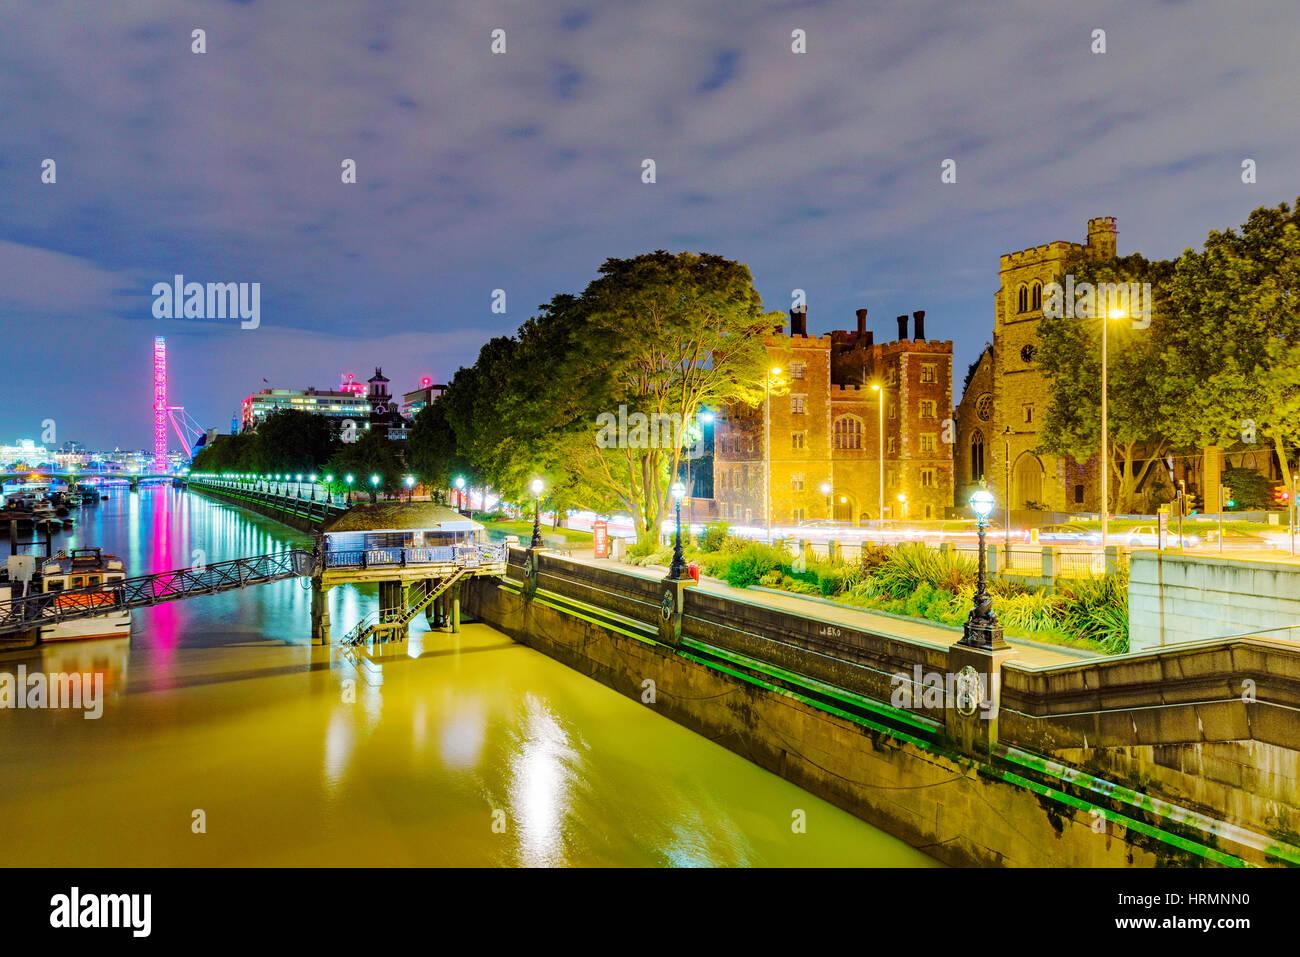 Riverside Blick auf London in der Nacht von lambeth bridge Stockbild